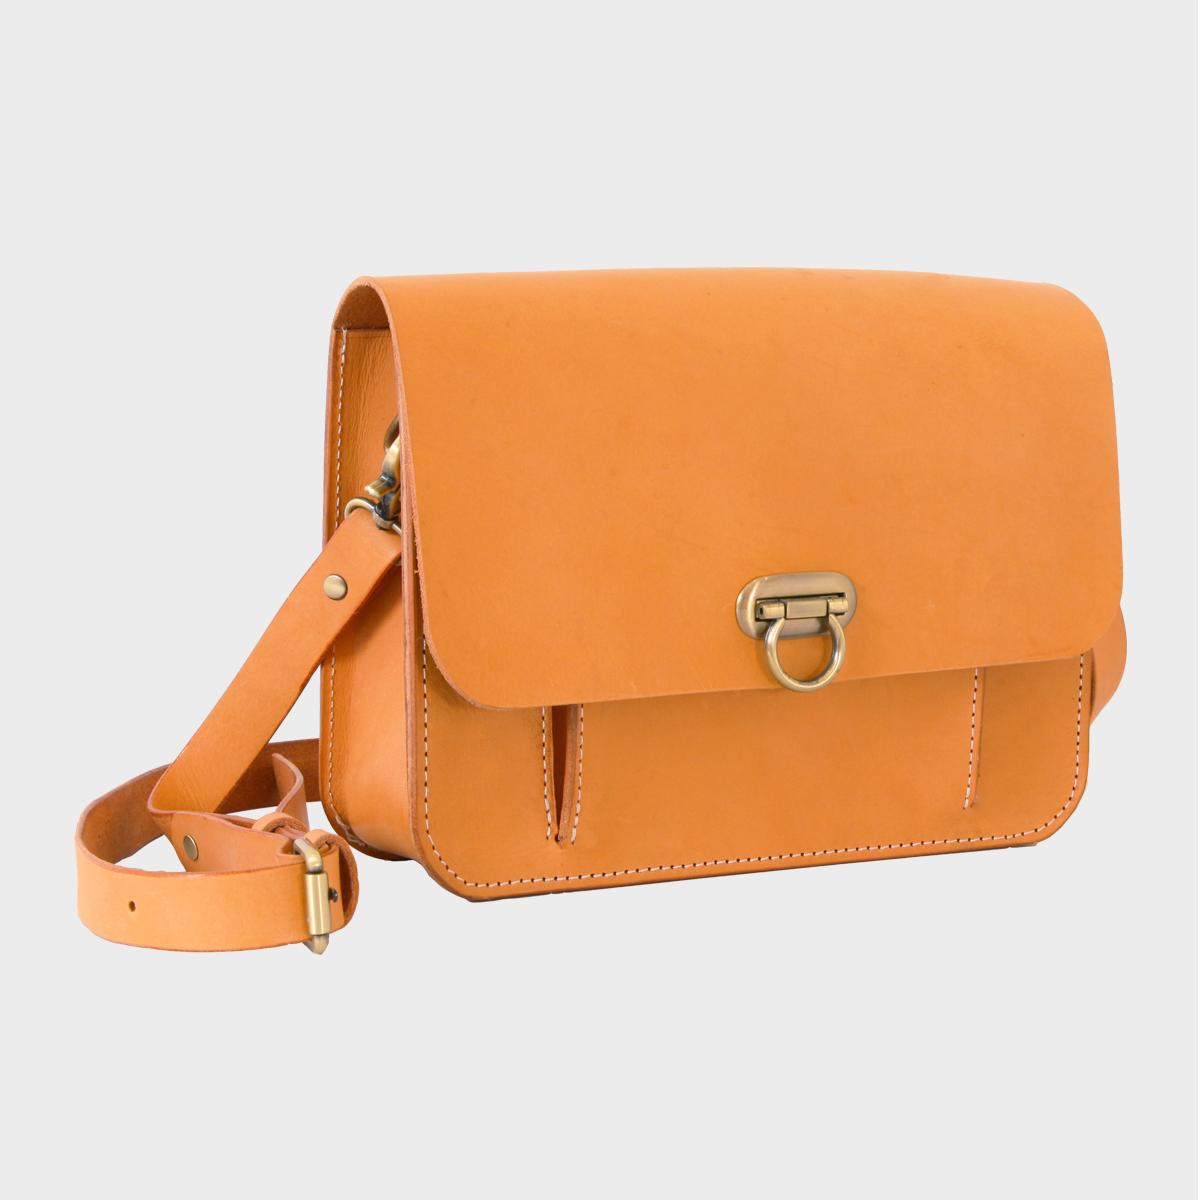 鎖扣側背包Lock Shoulder Bag NT$ 4,580  HDA0015